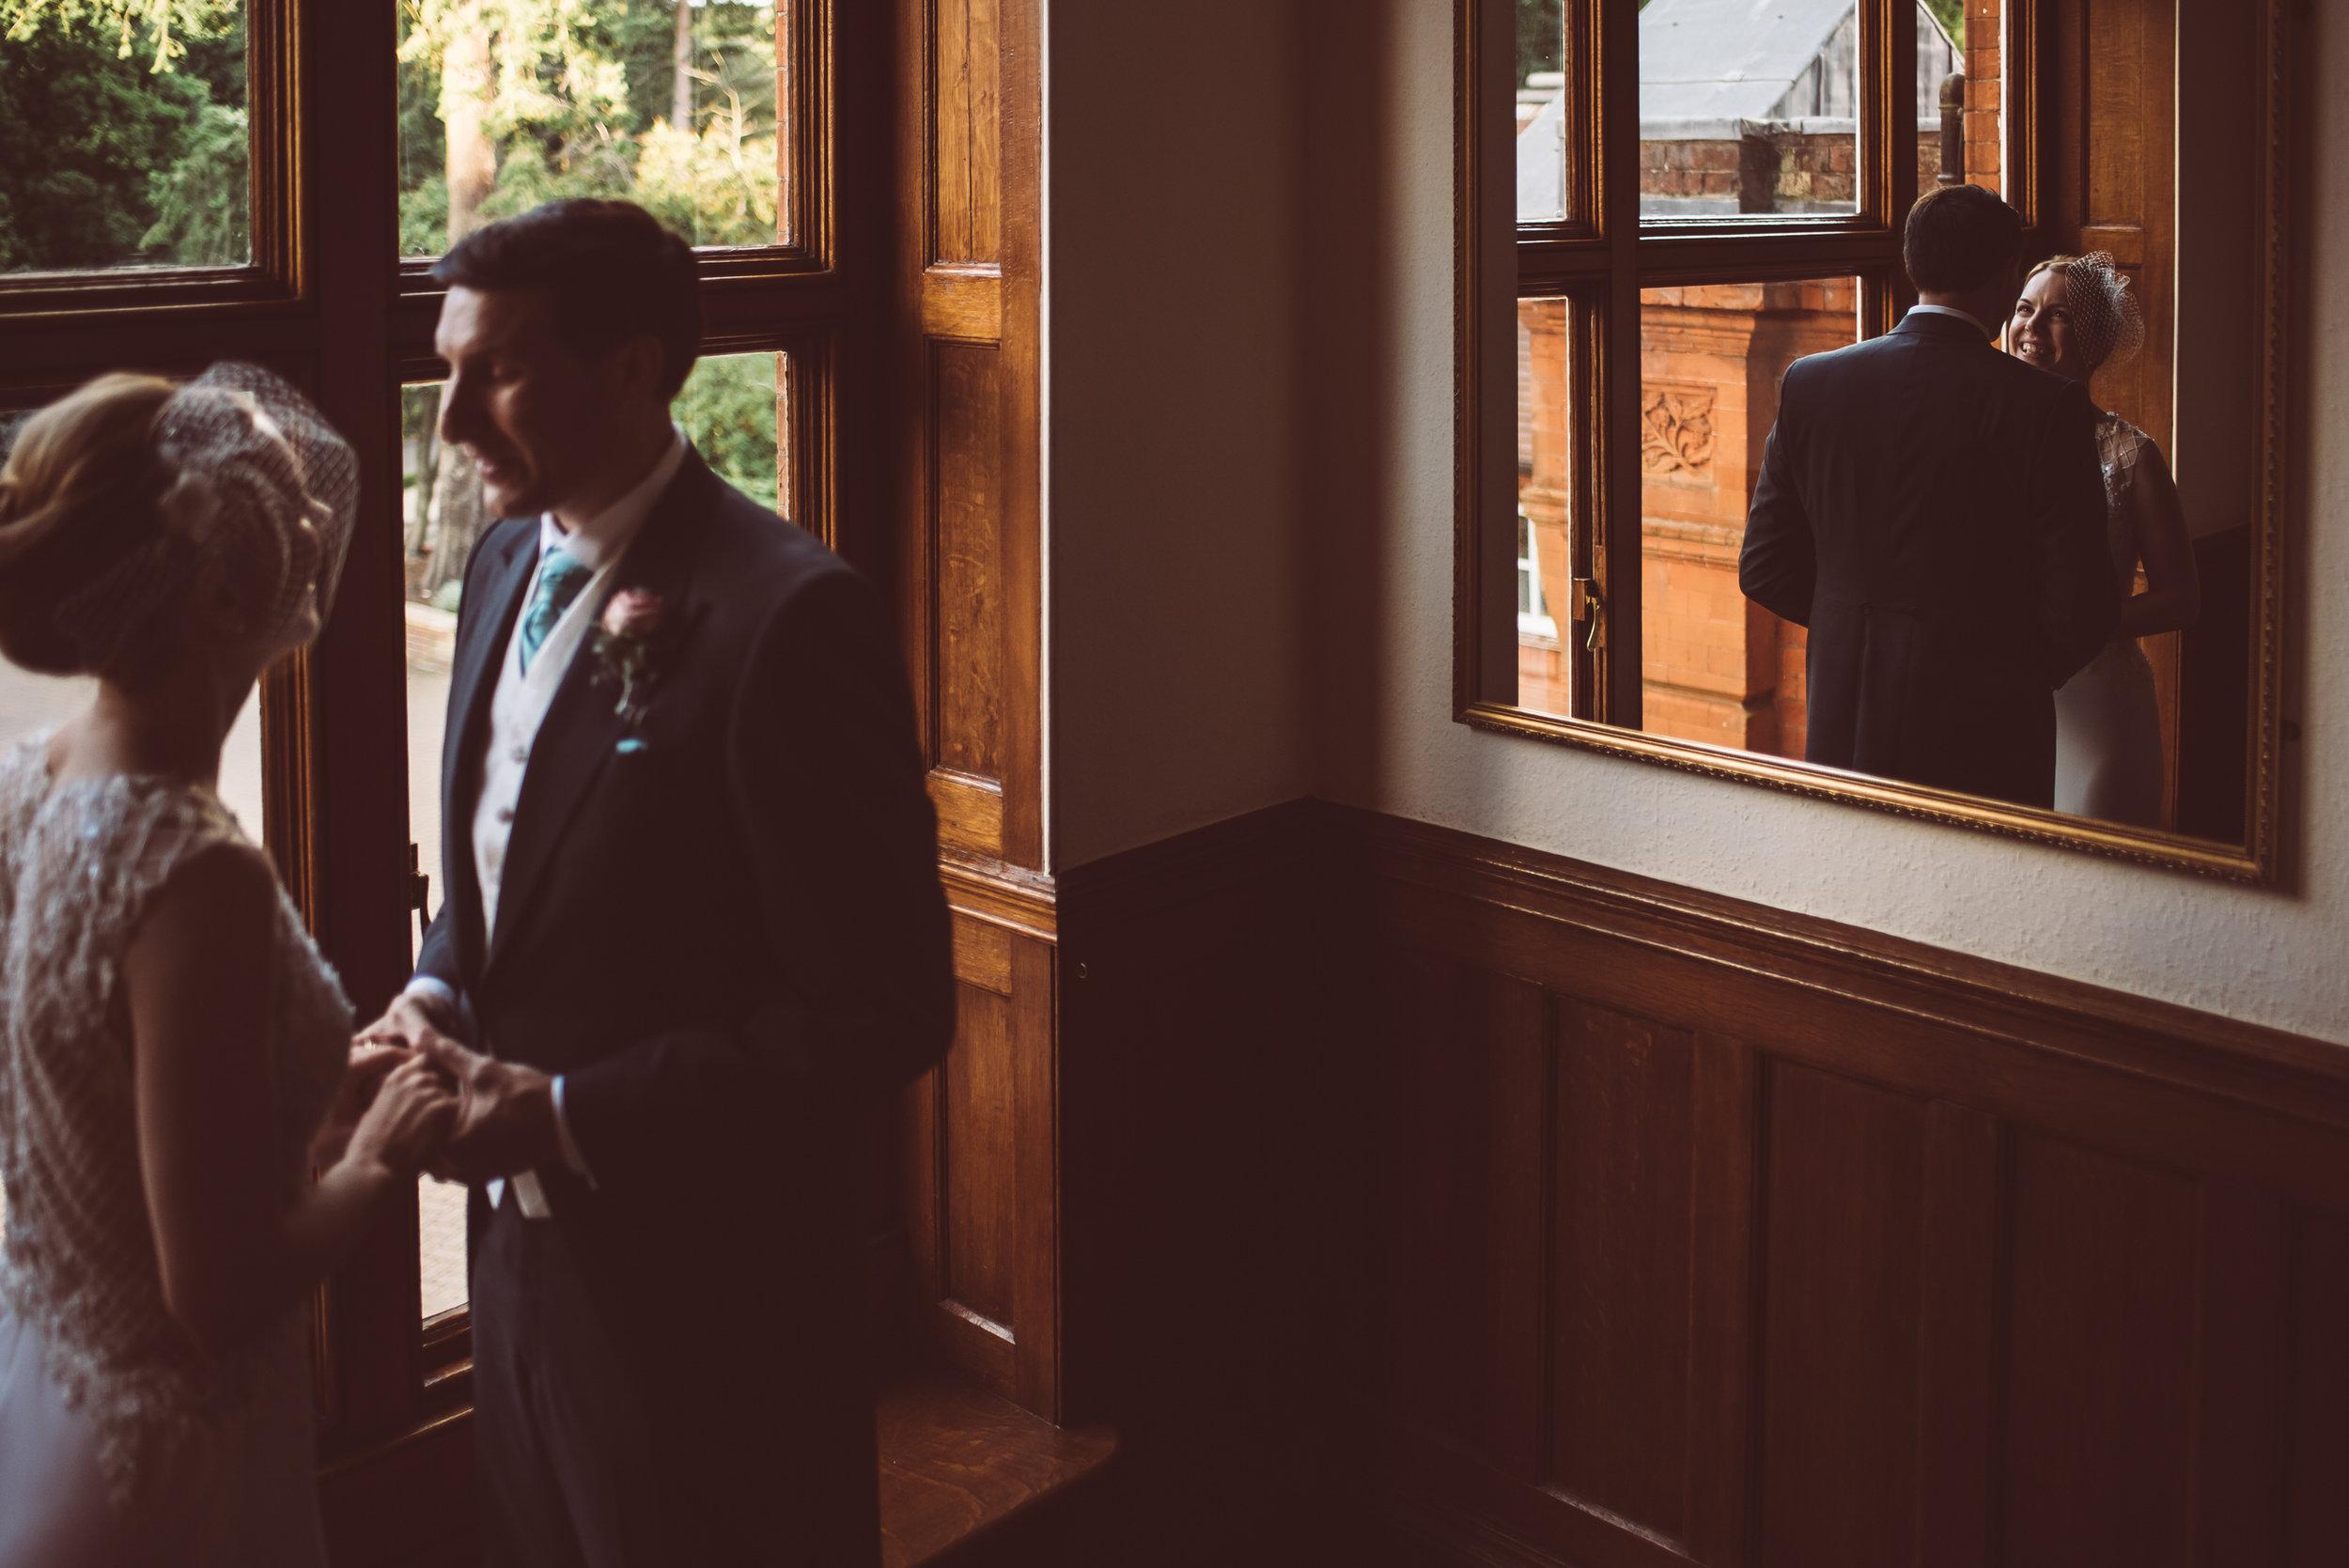 surrey-traditional-country-club-wedding-523.jpg